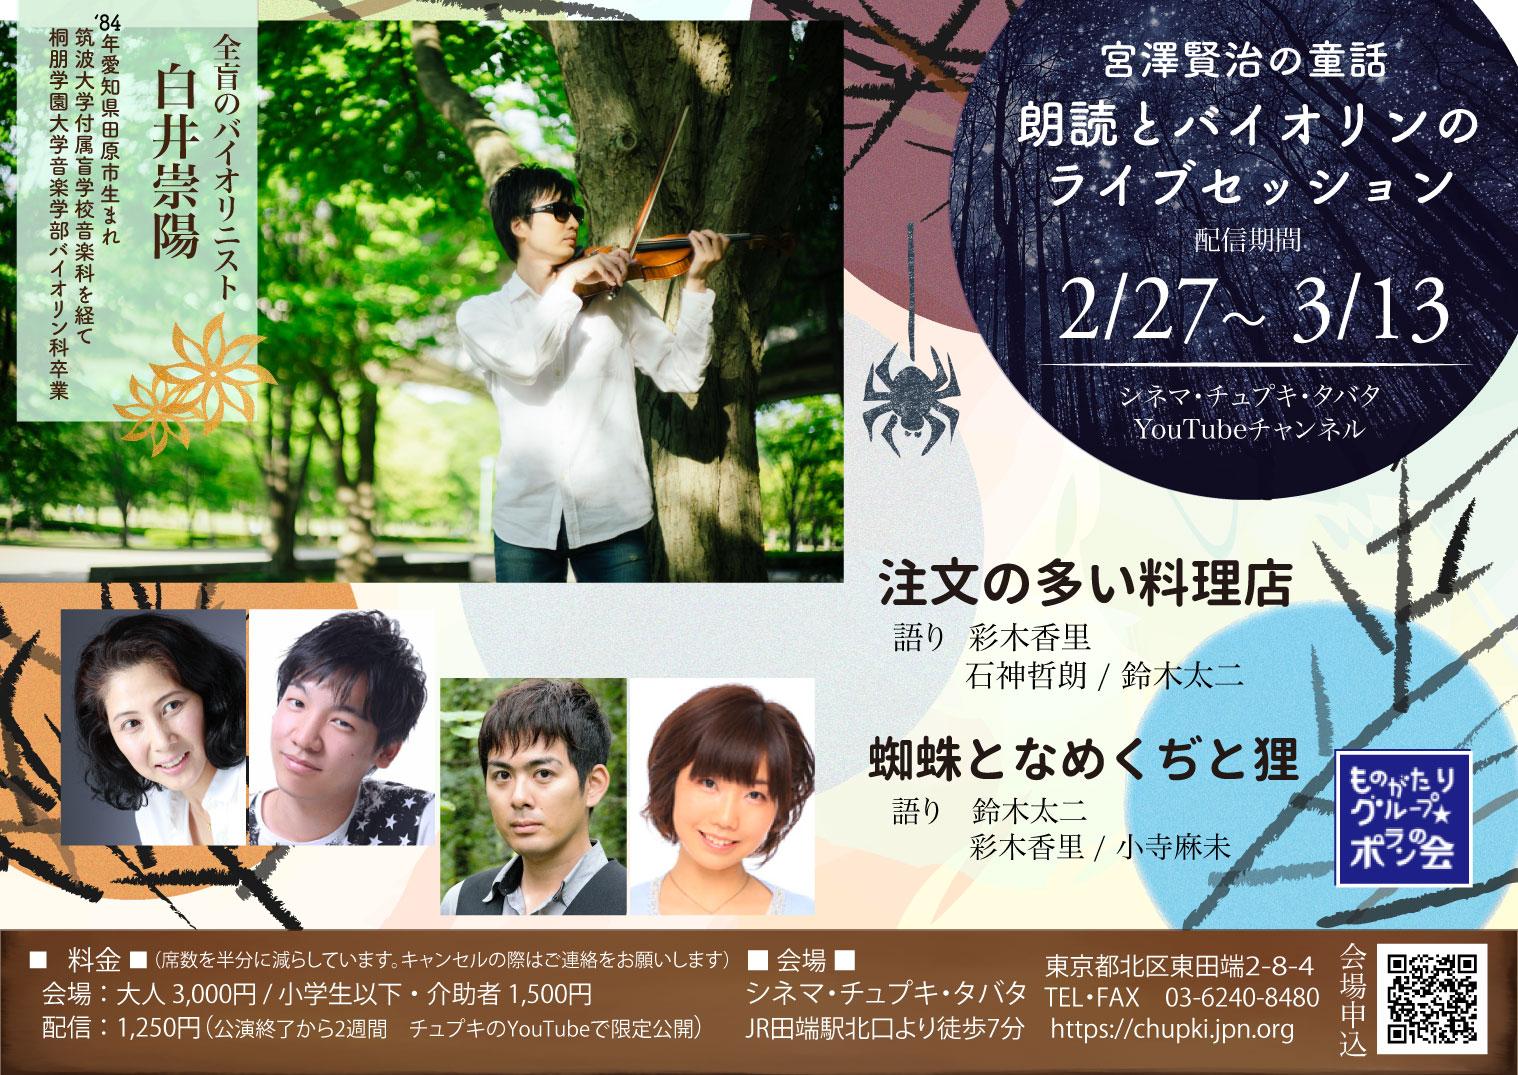 2月17、24日開催!宮澤賢治の童話  朗読とバイオリンのライブセッション配信チケット販売中